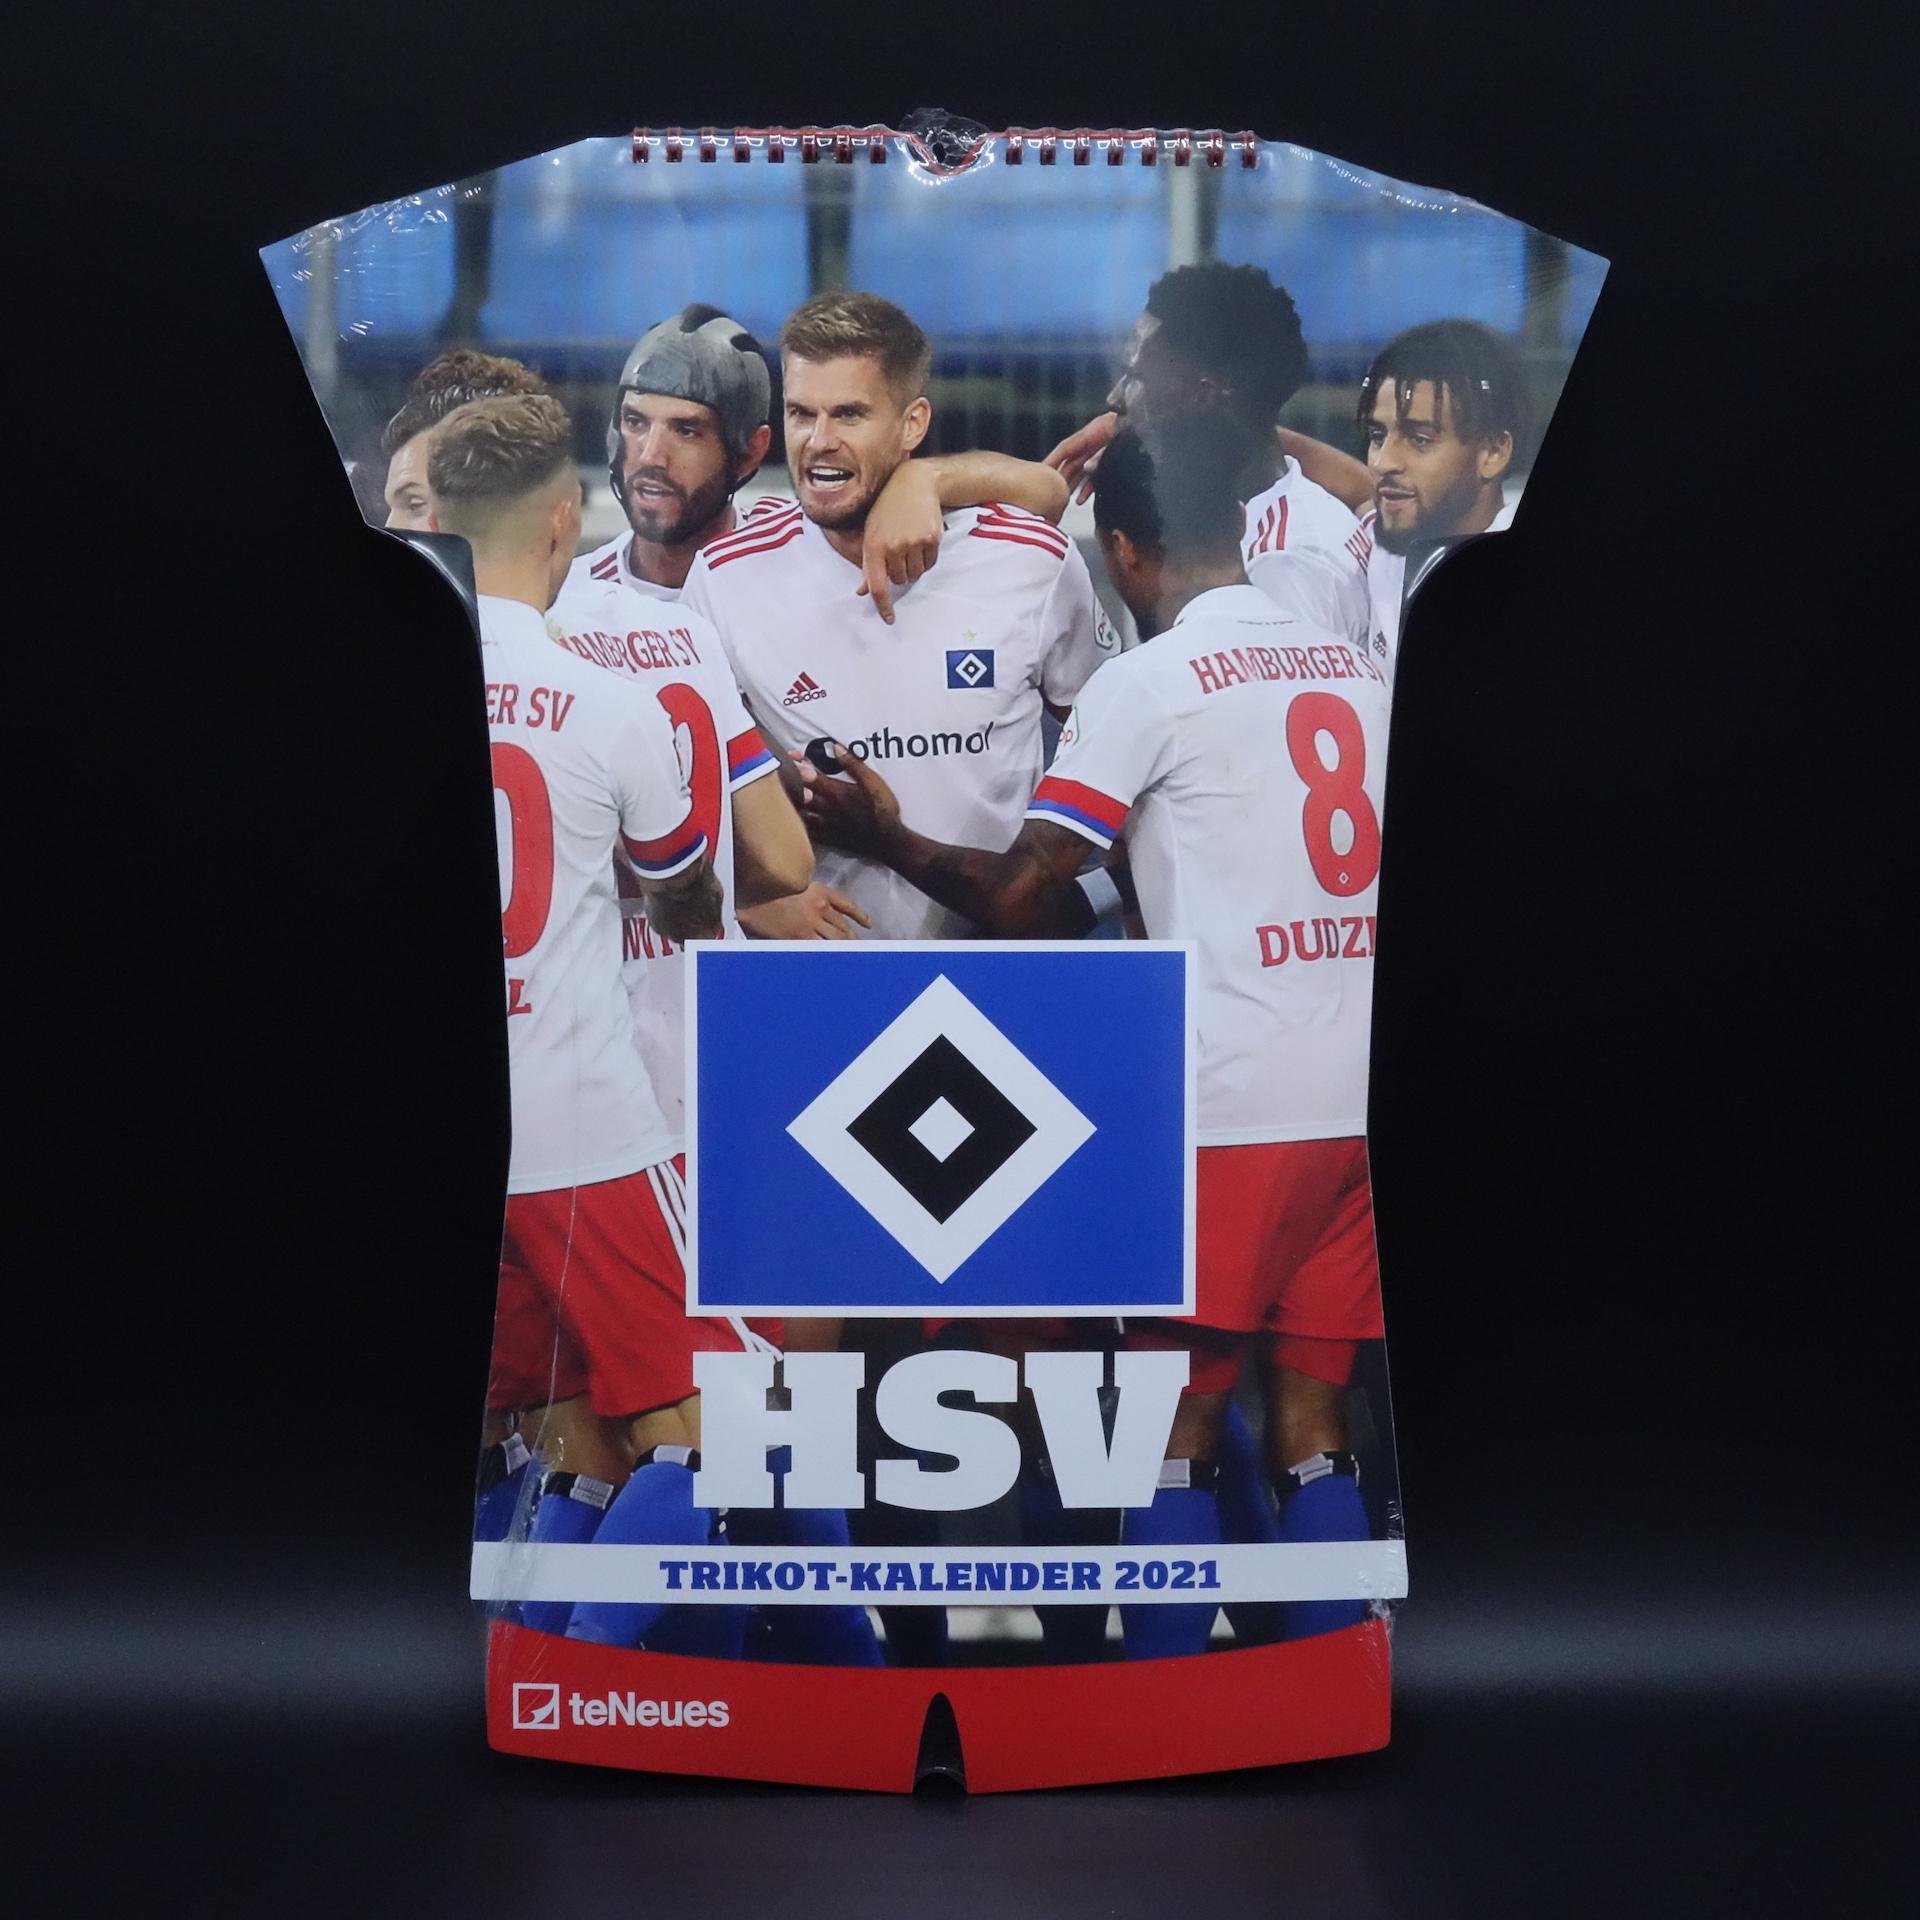 HSV Trikot-Kalender 2021